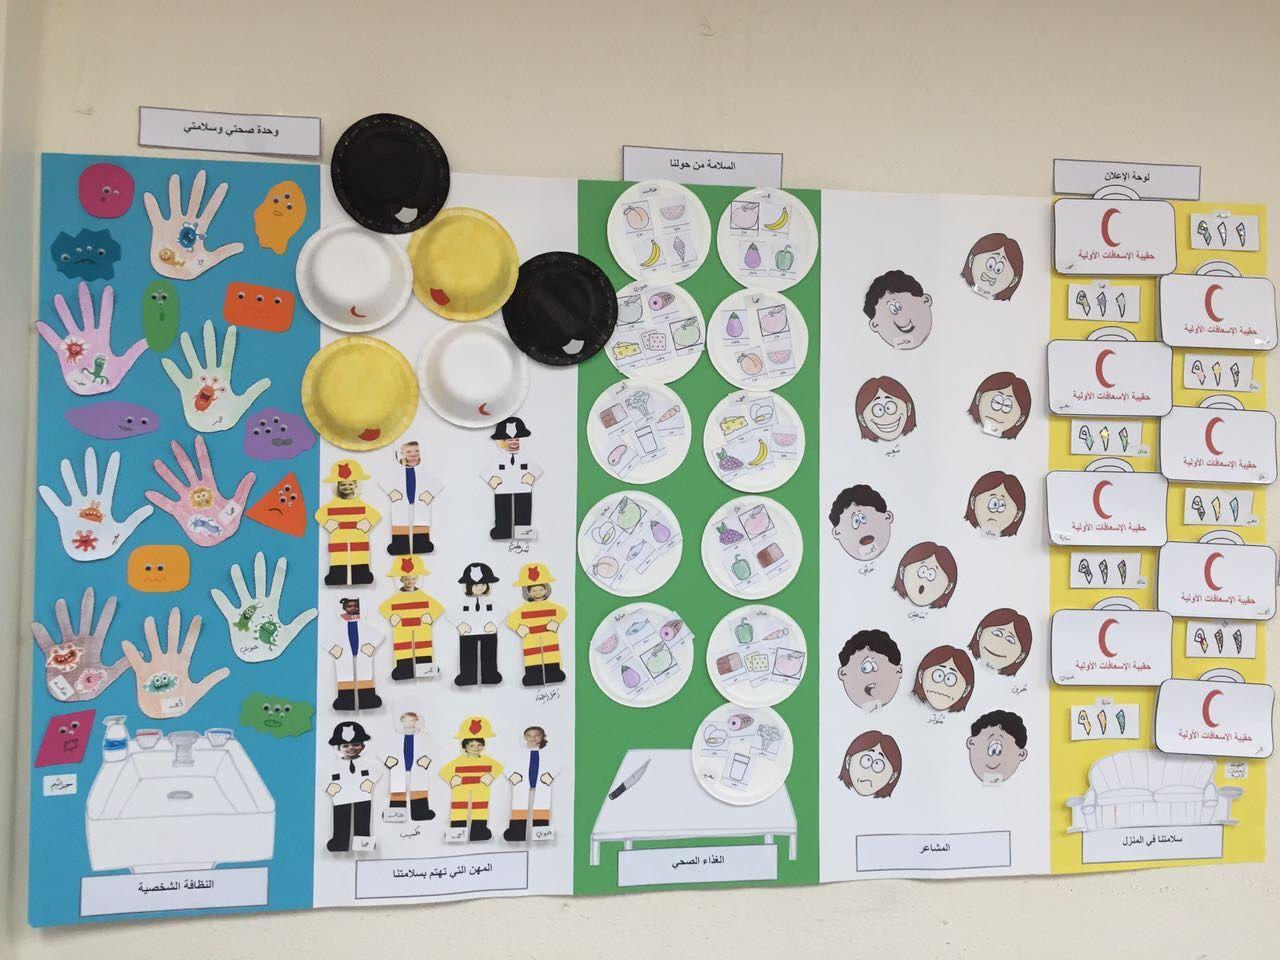 لوحة إعلان وحدة صحتي وسلامتي Classroom Preschool School